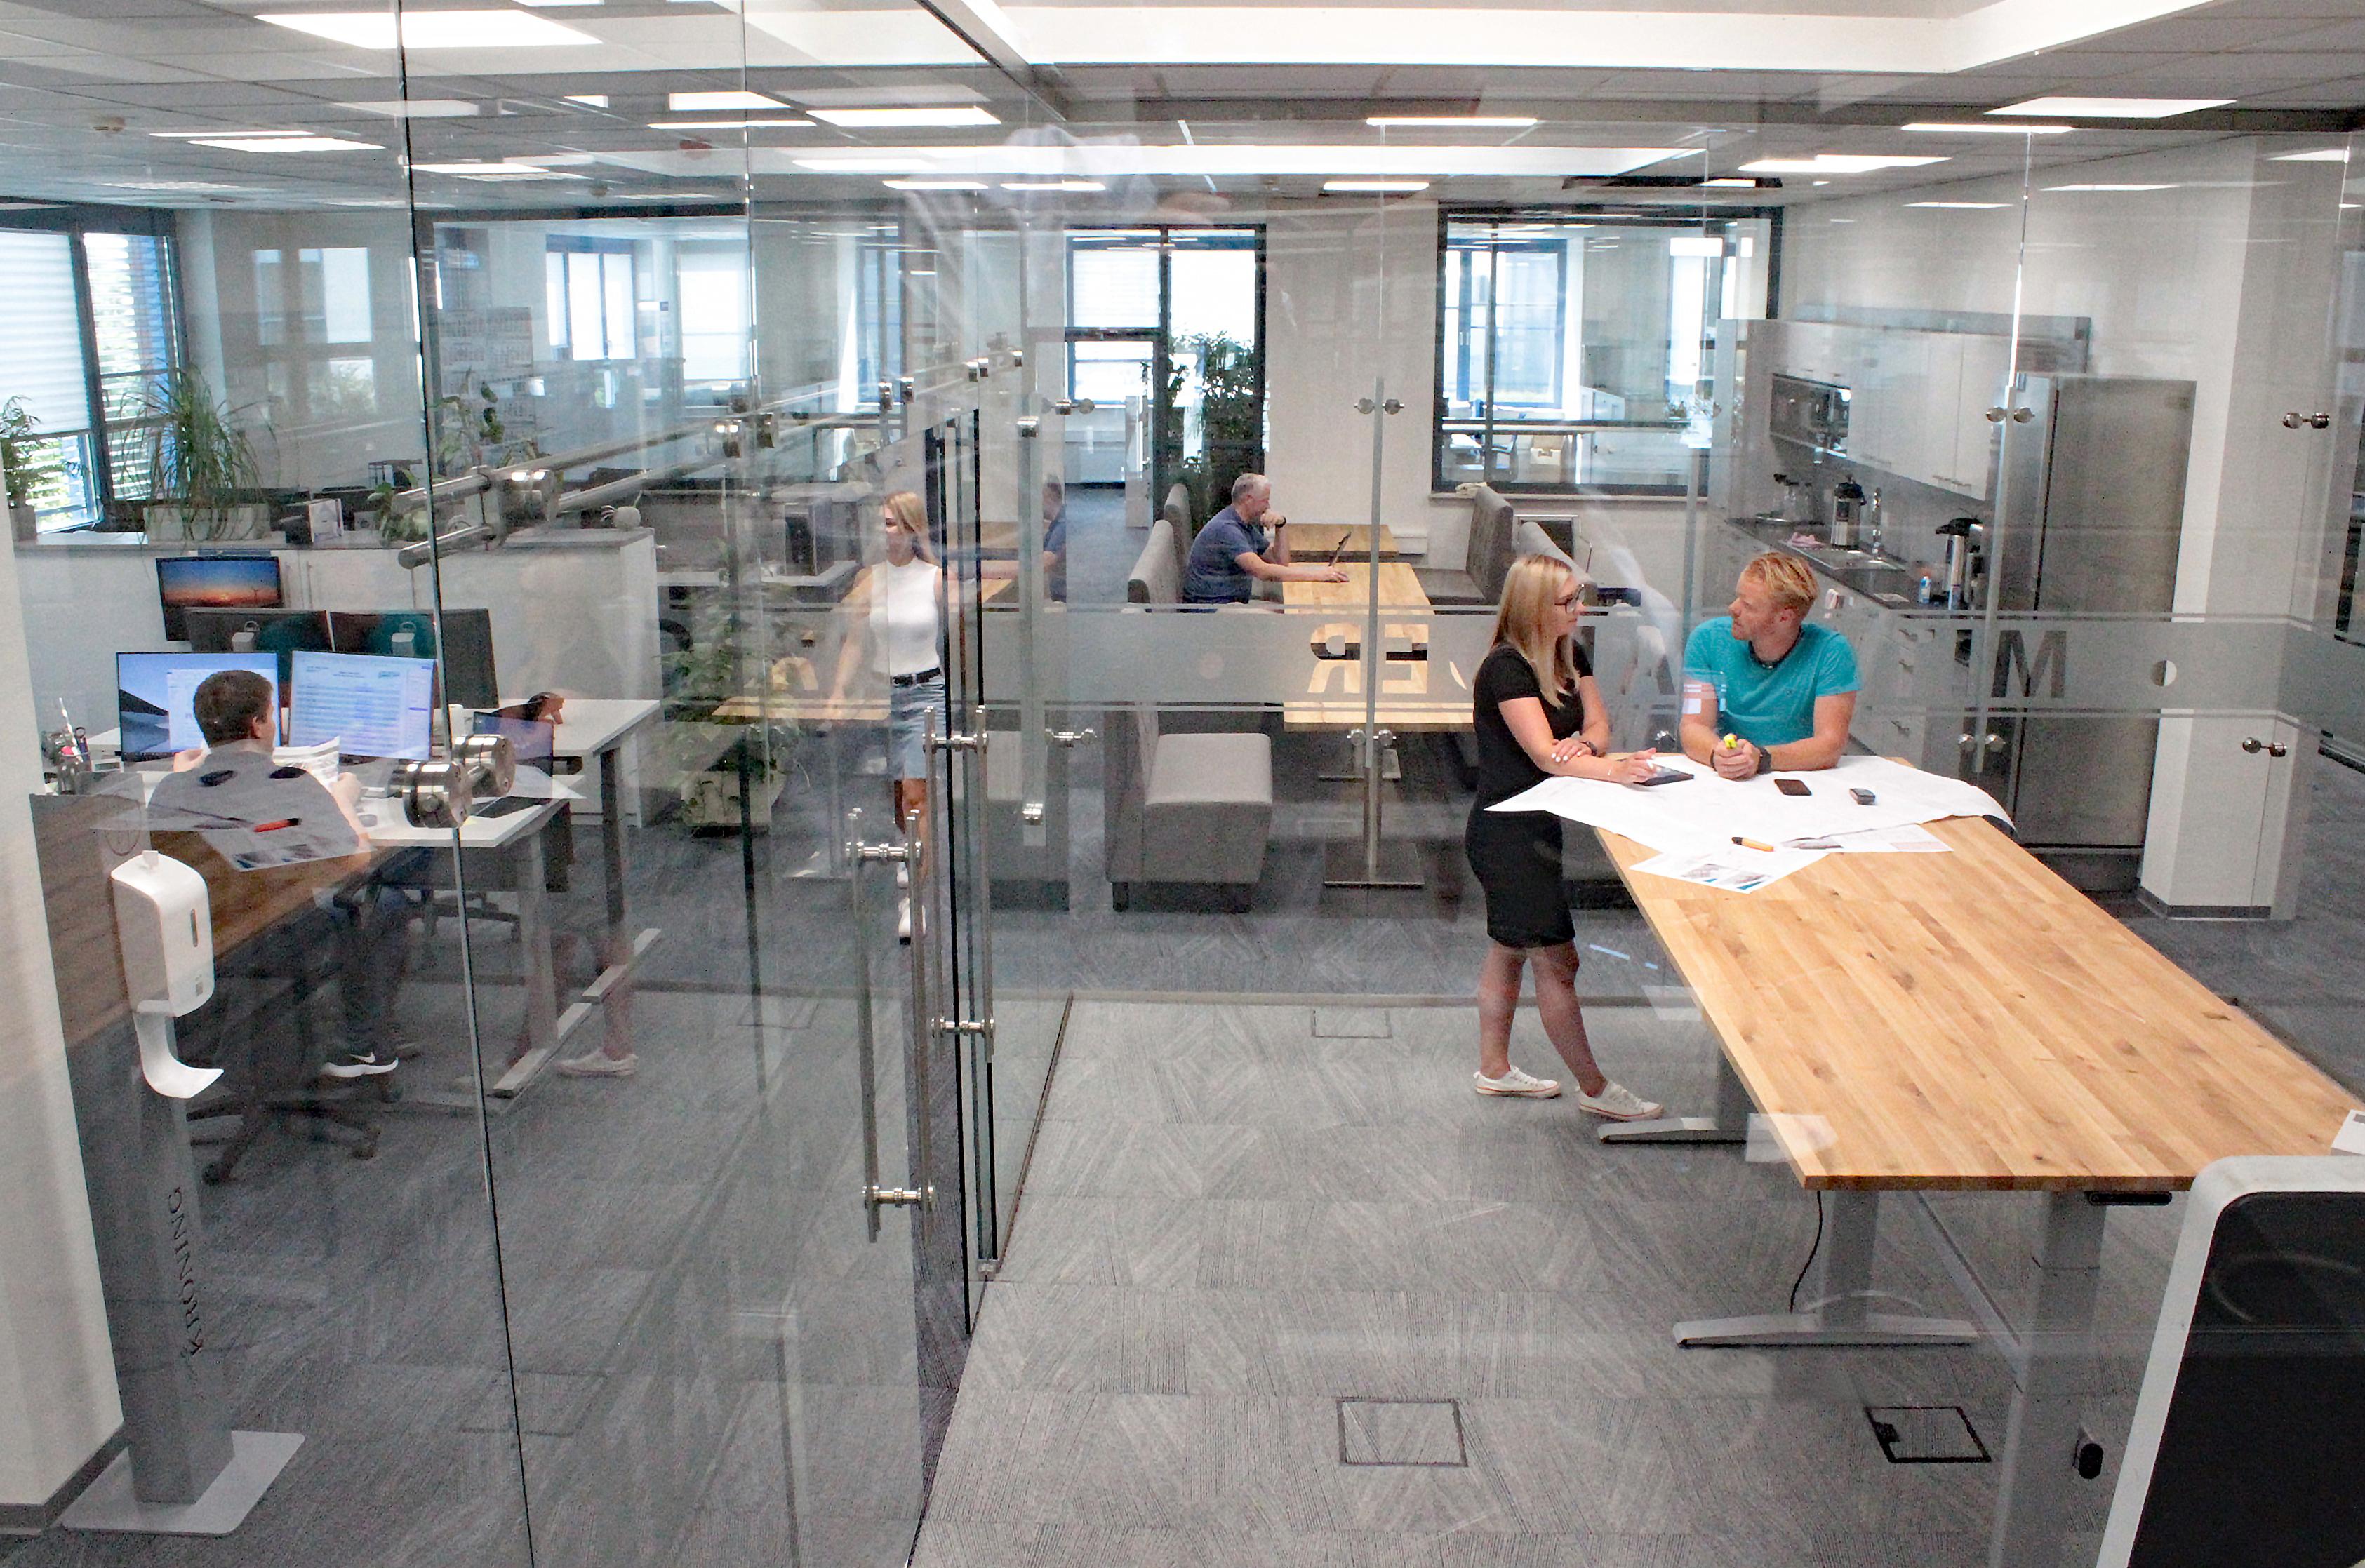 200812_Konstruktion_Projektleitung_x IMG_6276.jpg – Stahl- und Metallbau Ihnen GmbH & Co. KG